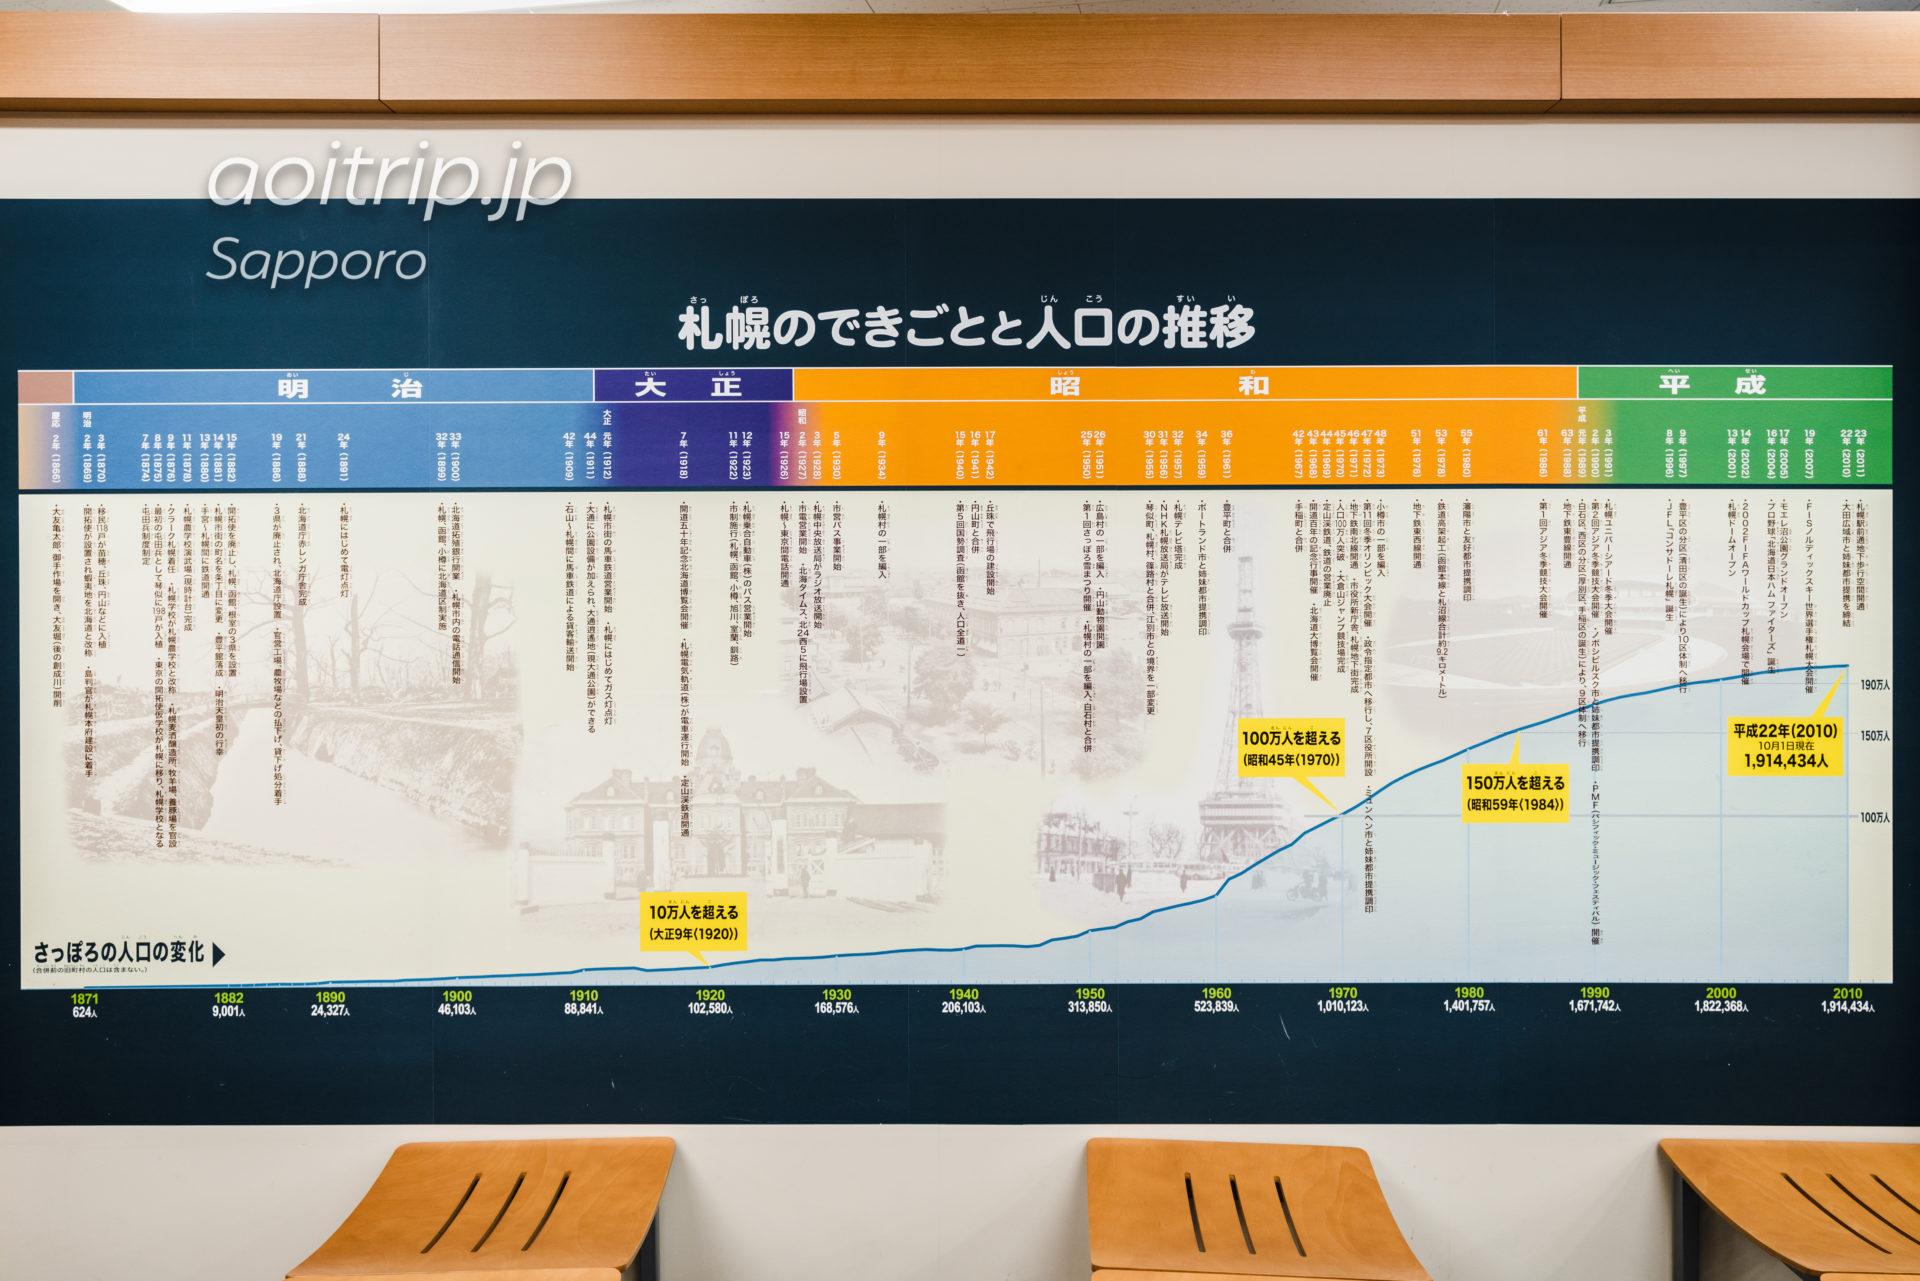 丘珠空港 札幌いま・むかし探検ひろば